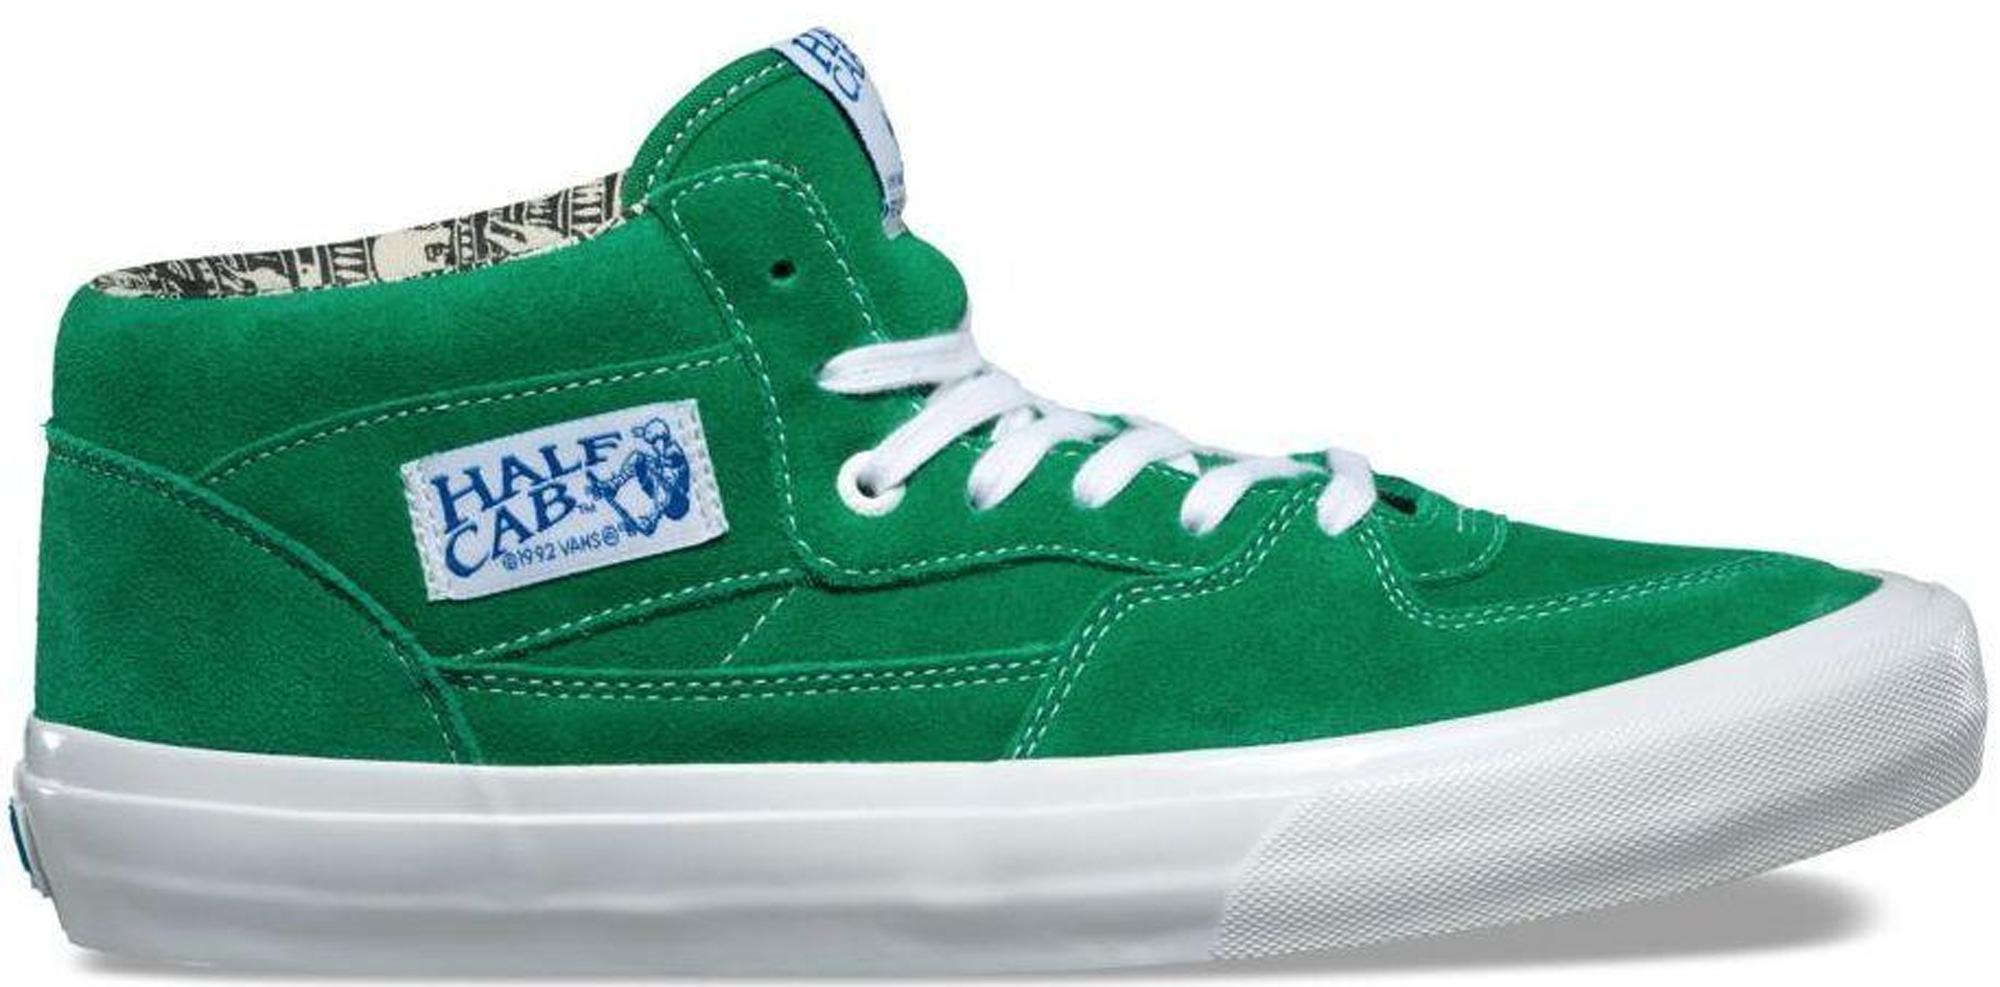 Vans Half Cab Ray Barbee - Sneakers